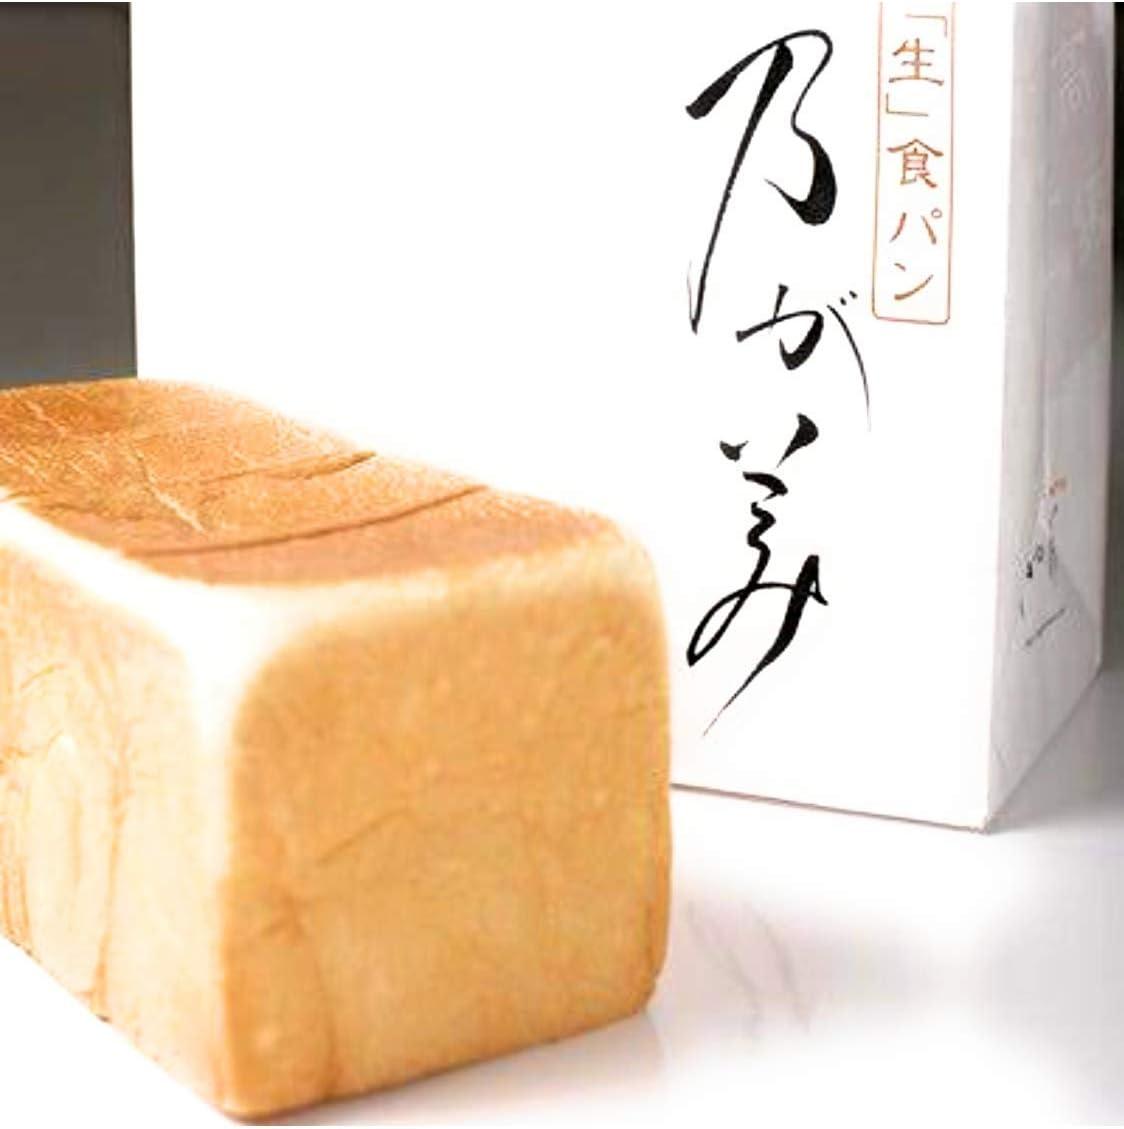 Amazon | 乃が美 高級生食パン 1本 (2斤) 生食パン 食パン のがみ ...